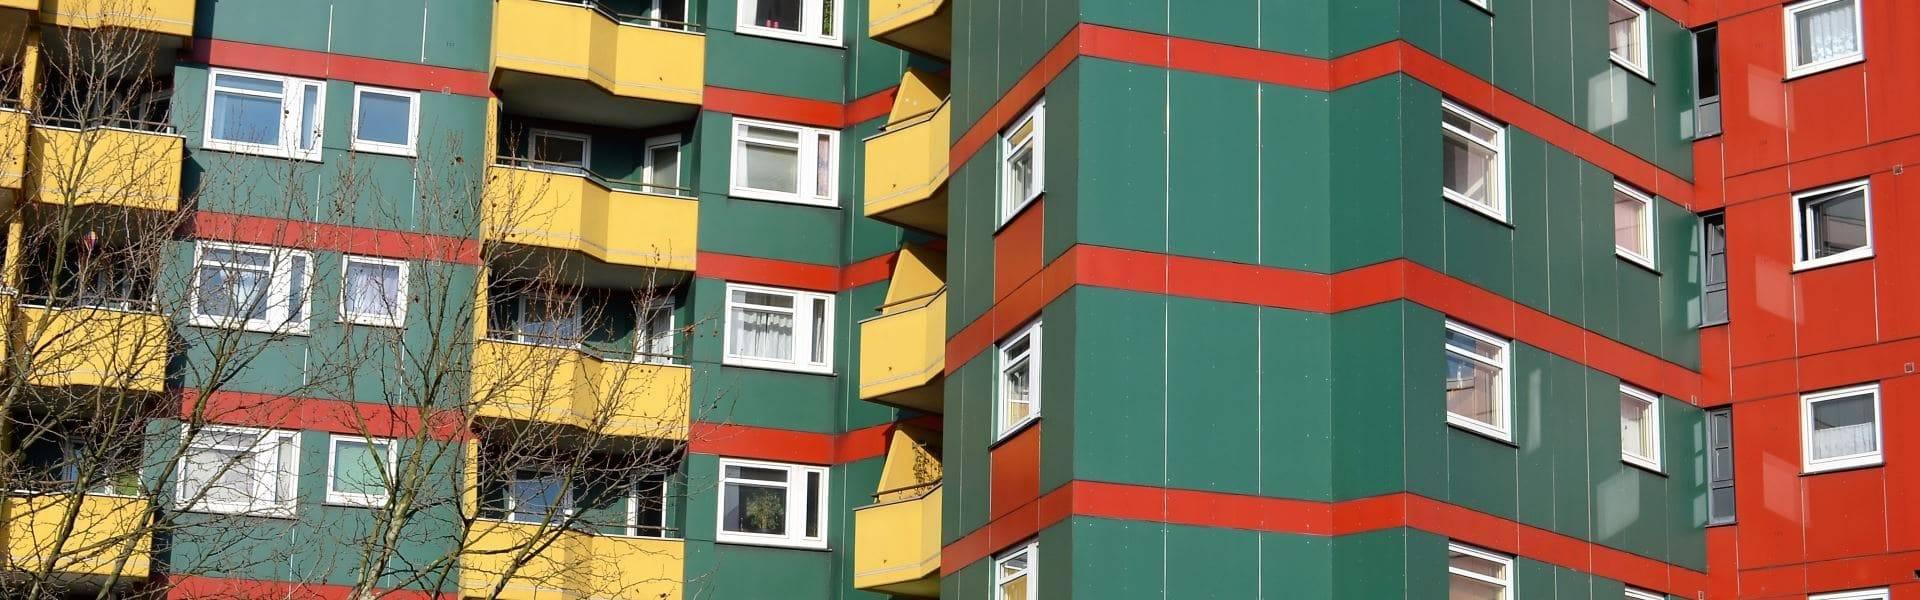 Реальные плюсы и минусы каркасных домов. нужно ли их строить?